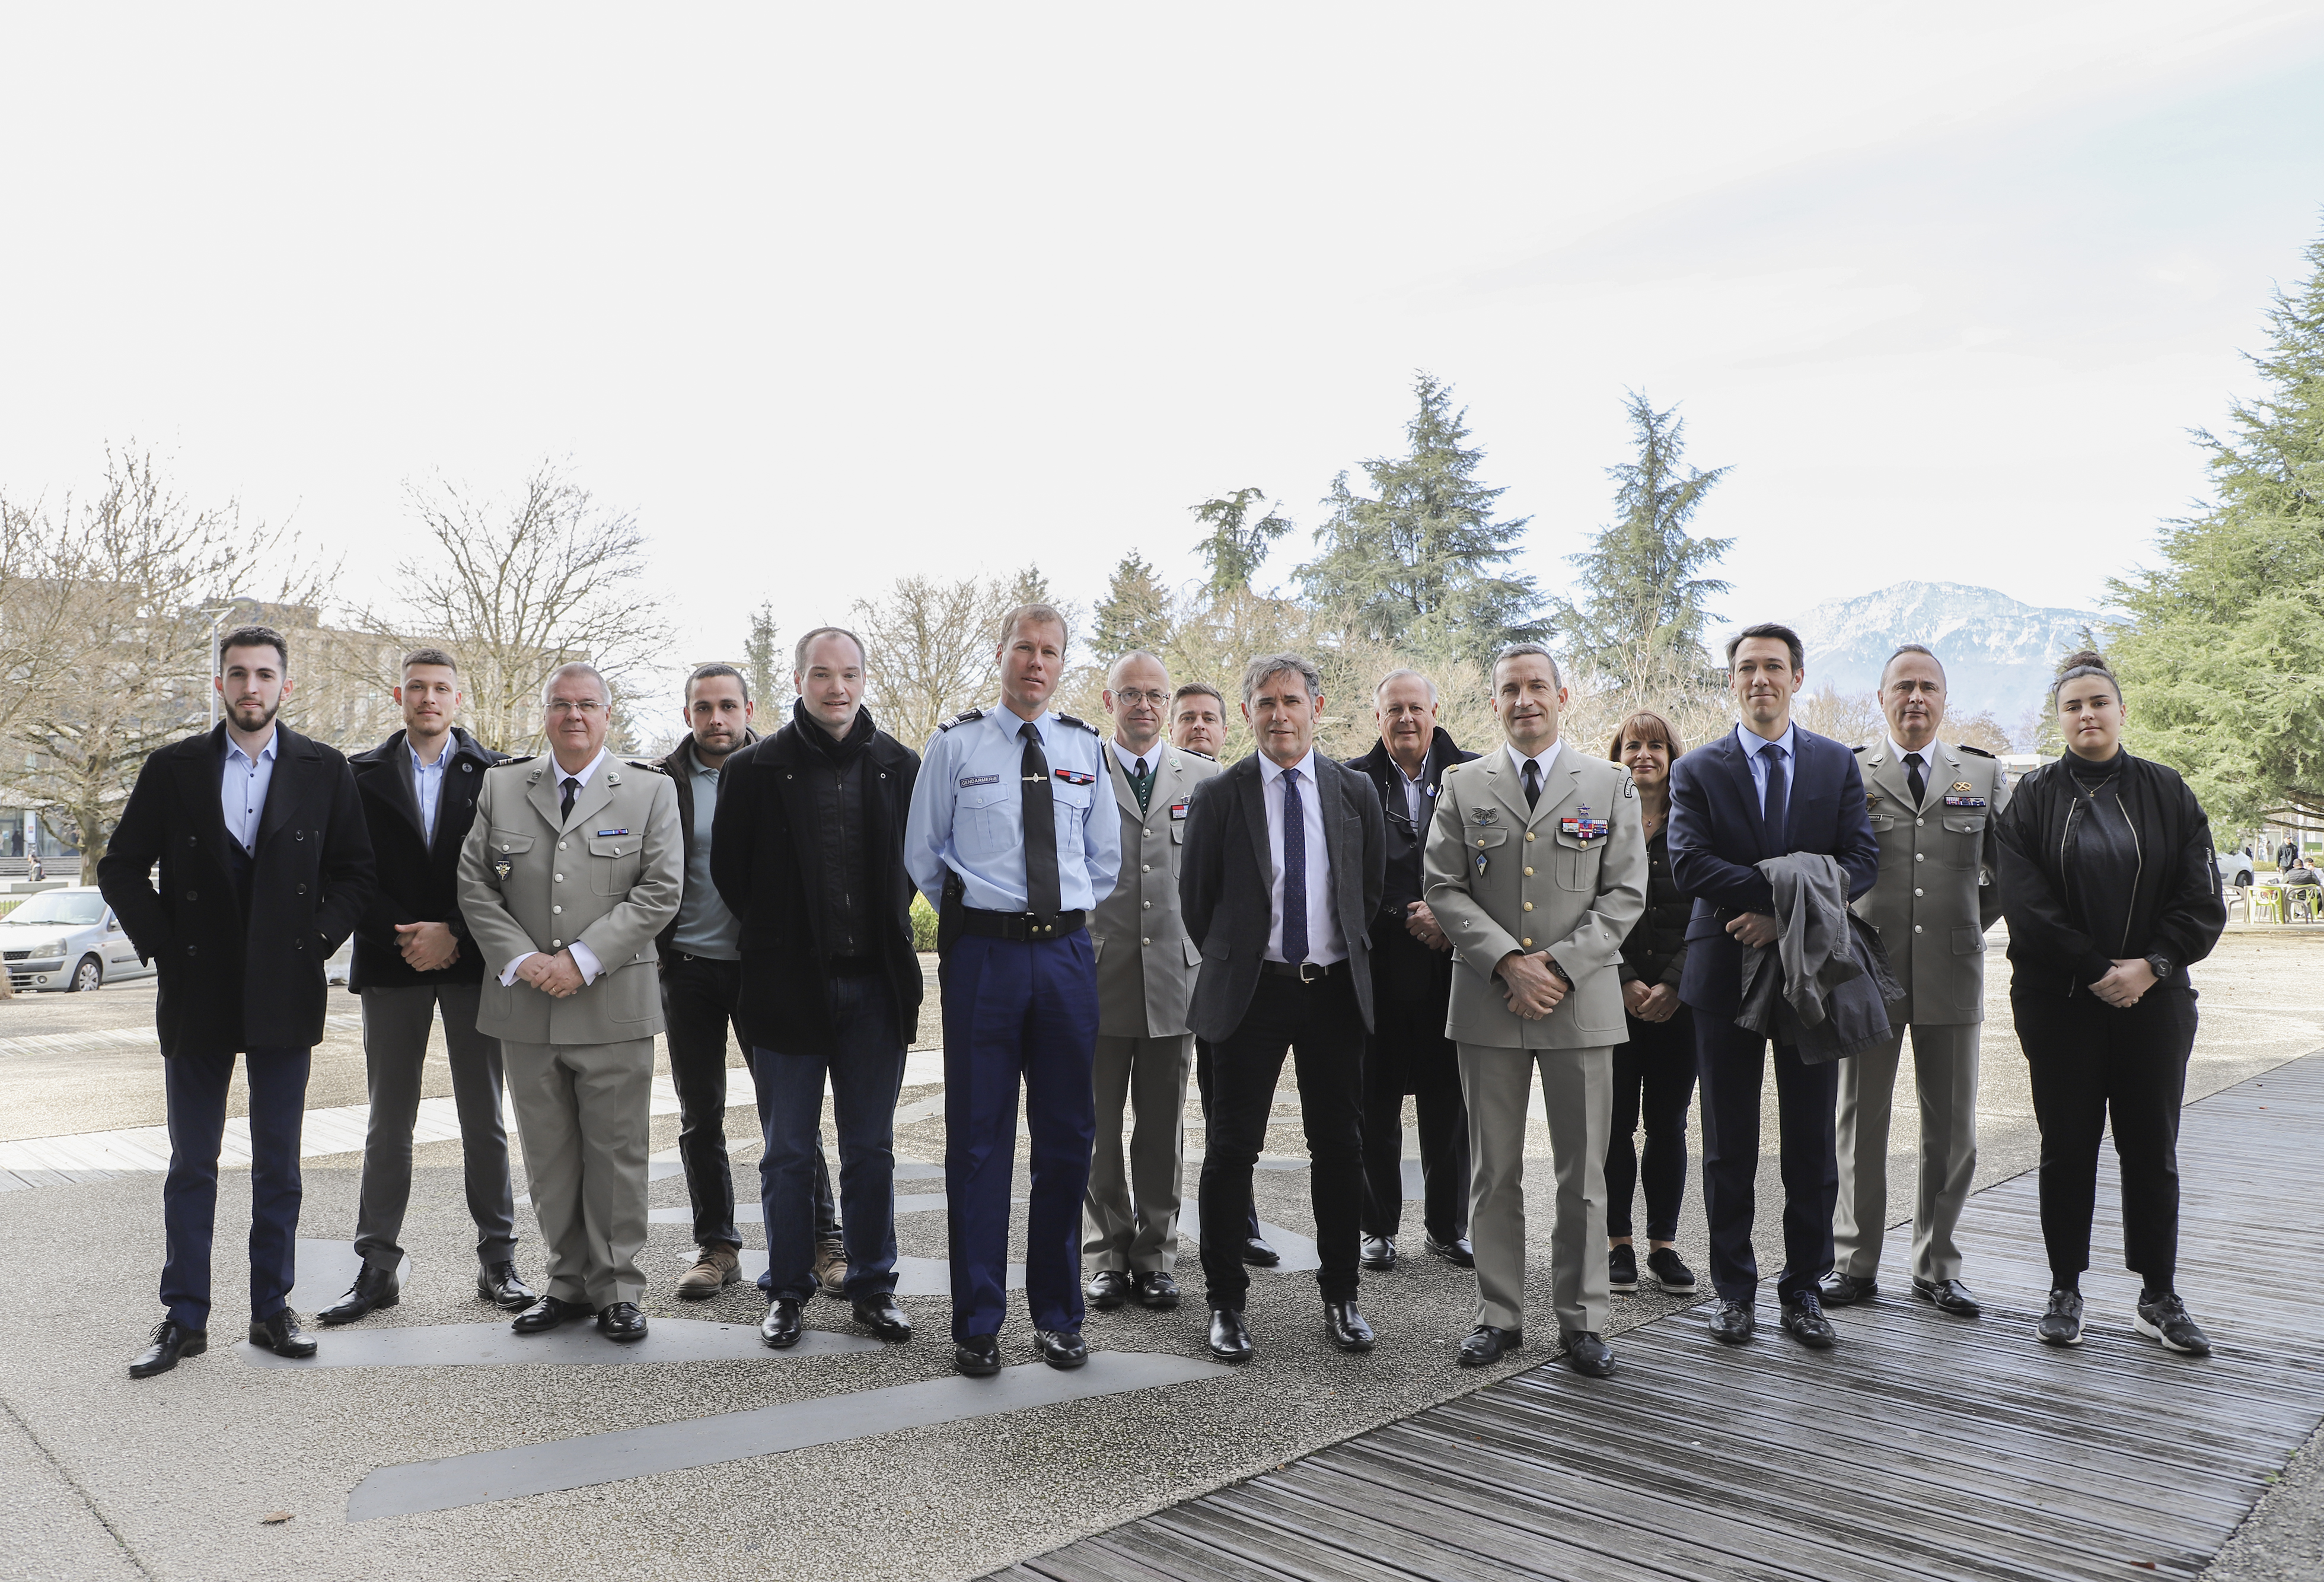 L'Université Grenoble Alpes a signé mardi 12 mars dernier sur le campus de Saint Martin d'Hères deux conventions avec l'armée pour permettre une meilleure reconnaissance académique des étudiants et des personnels engagés dans la Réserve militaire ou dans la Garde nationale et pour renforcer ses liens avec la 27e Brigade d'infanterie de montagne.